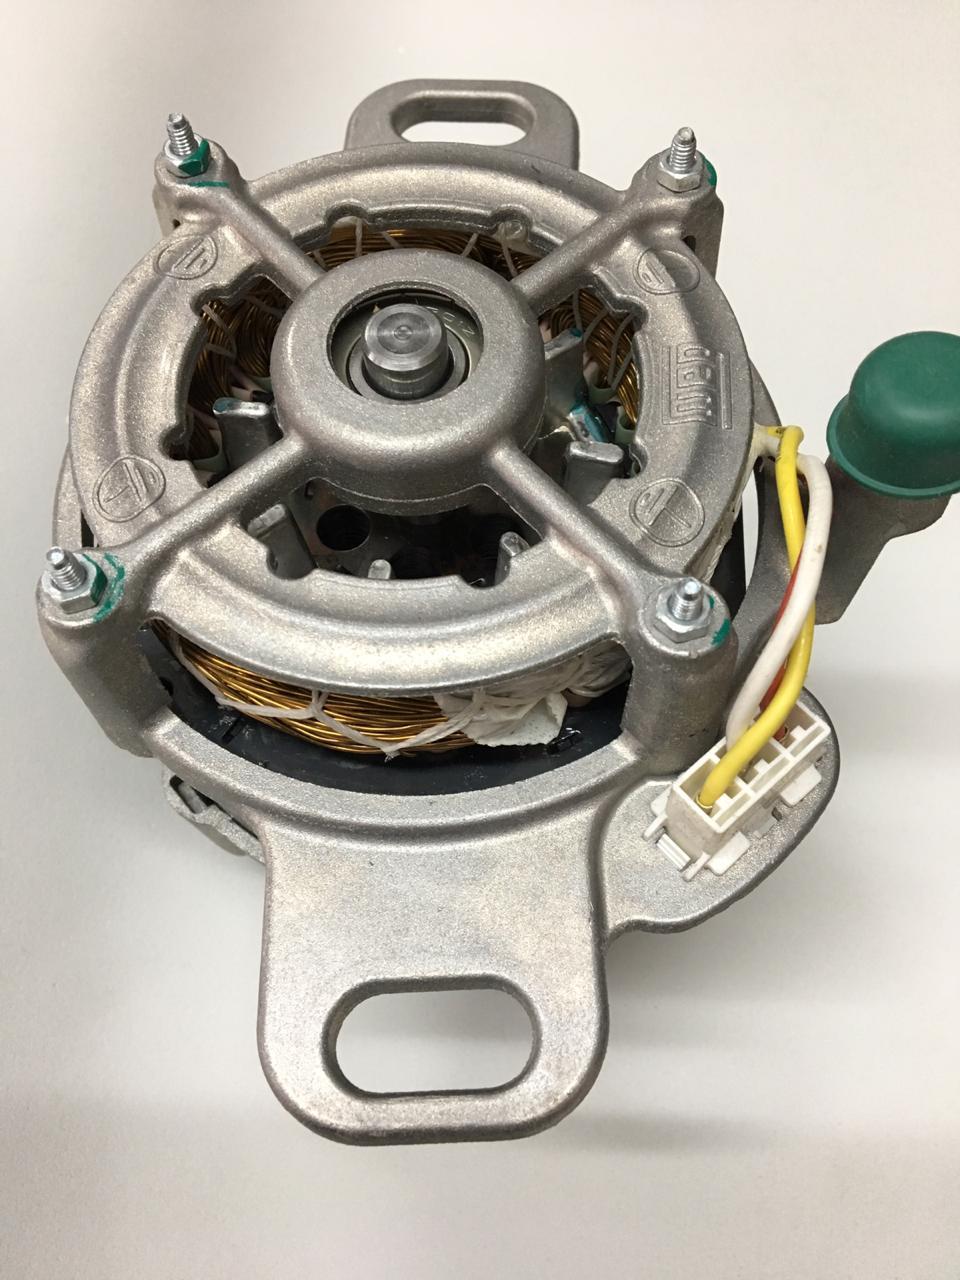 Motor 127V/60Hz Para Lavadora Lt13b Electrolux - A99407806